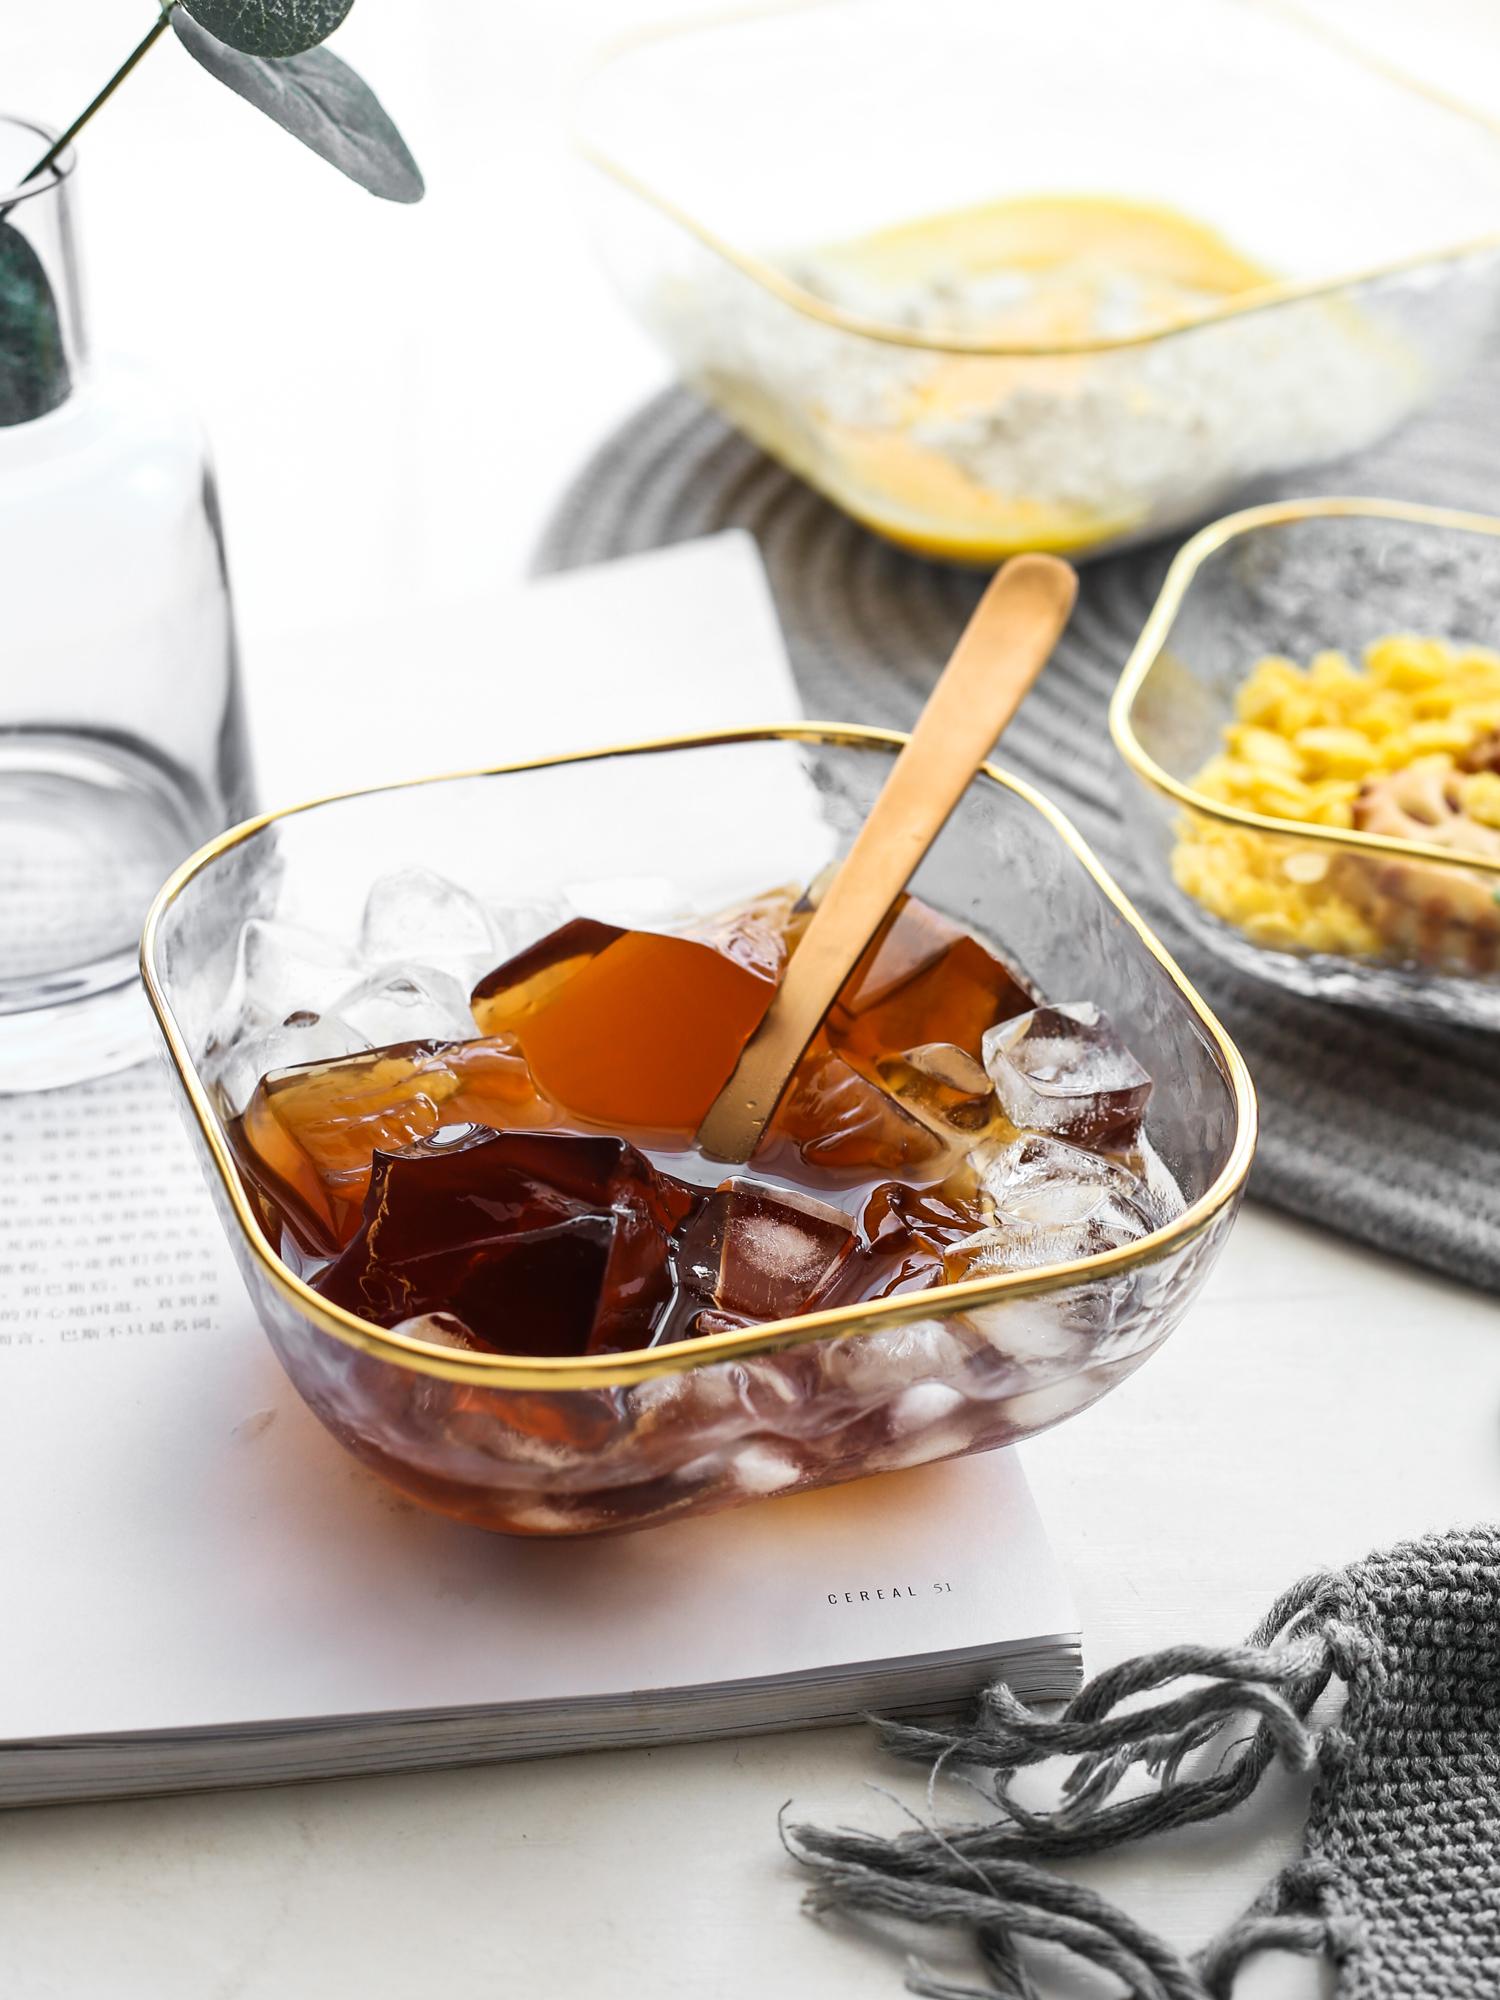 一人食餐具套装金边玻璃碗日式哑光金边餐具单人透明碗简约餐具